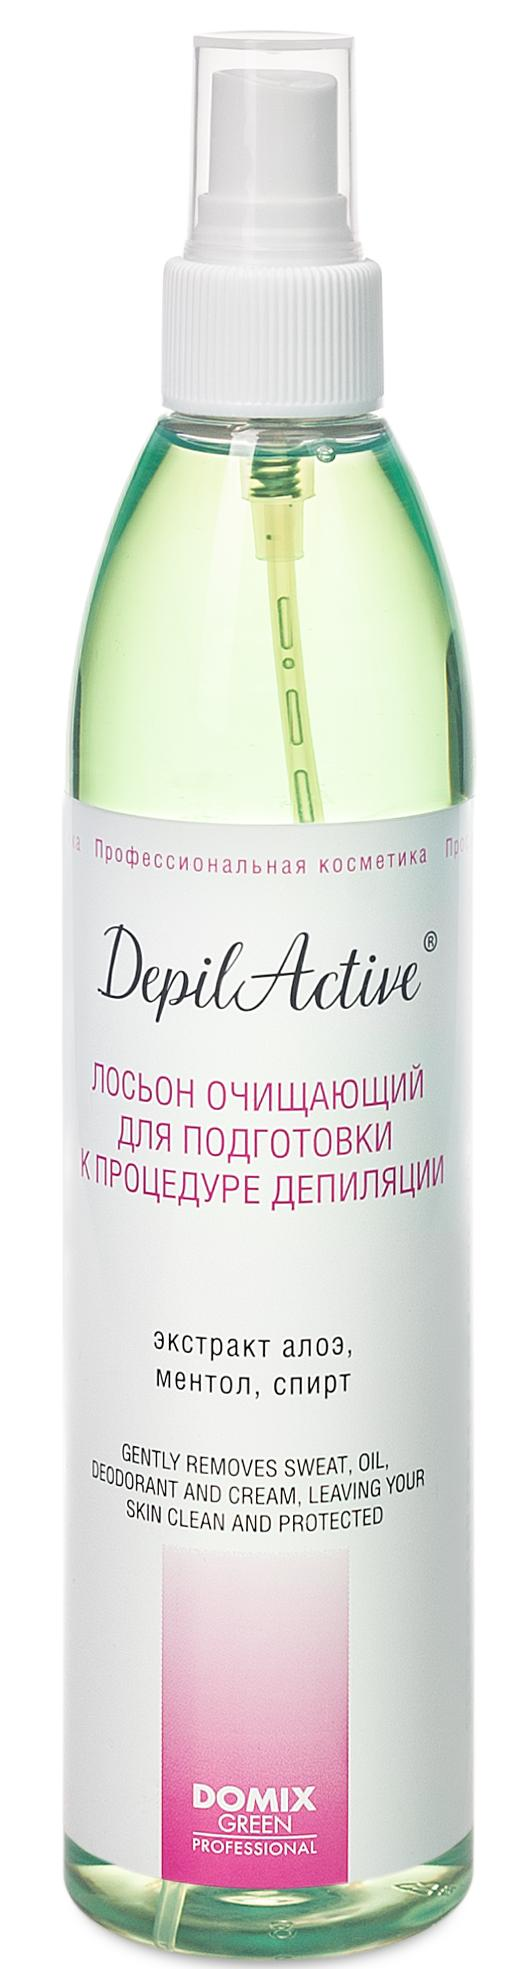 DOMIX Лосьон очищающий для подготовки к процедуре депиляции / Depil Active 320 мл фото